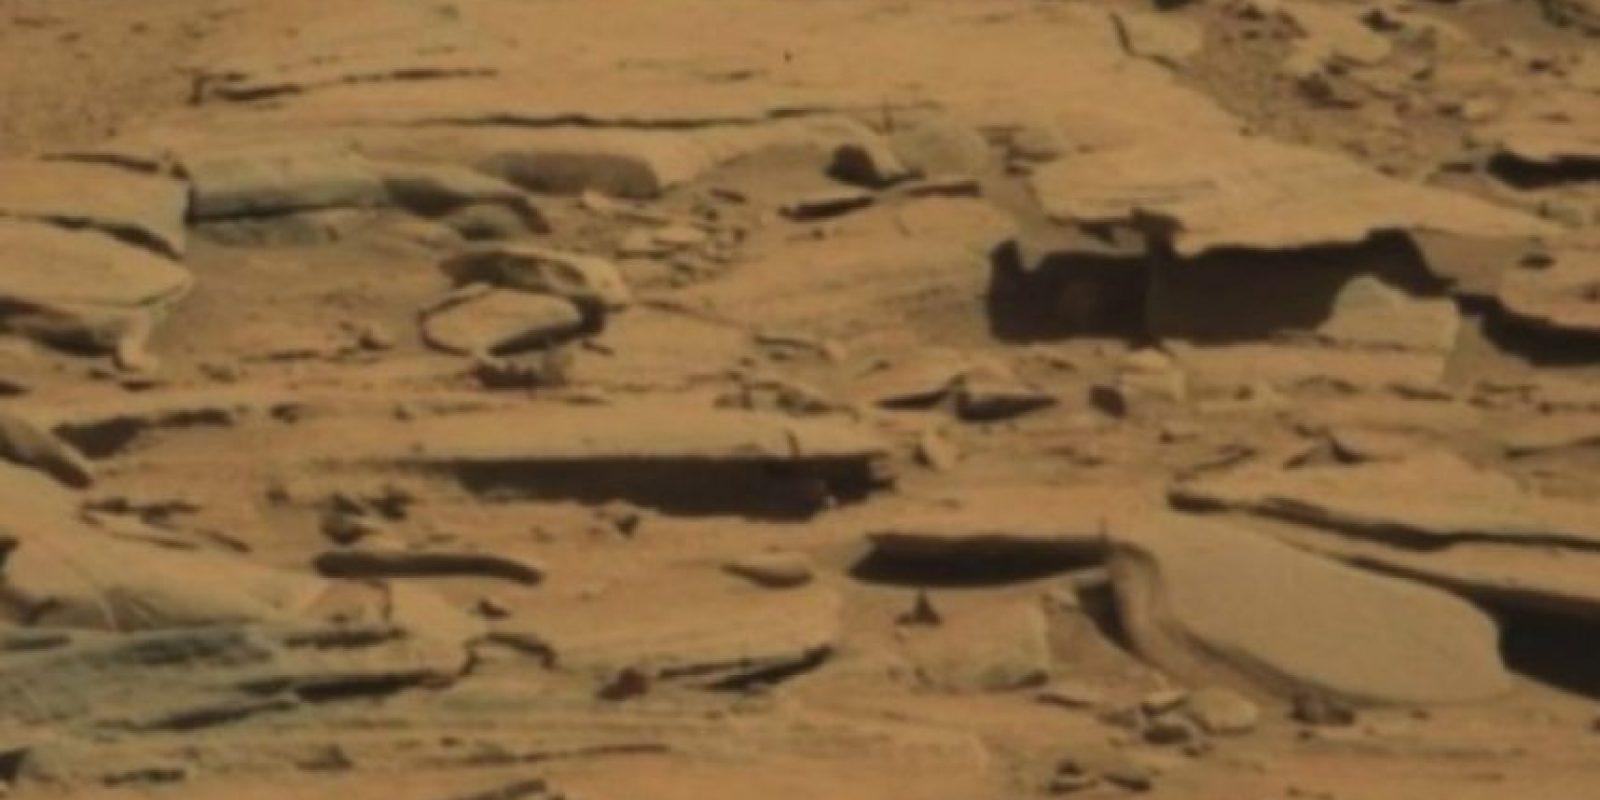 Se descubrió en agosto de 2014 Foto:Foto original en http://mars.jpl.nasa.gov/msl-raw-images/msss/00601/mcam/0601MR0025370020400768E01_DXXX.jpg